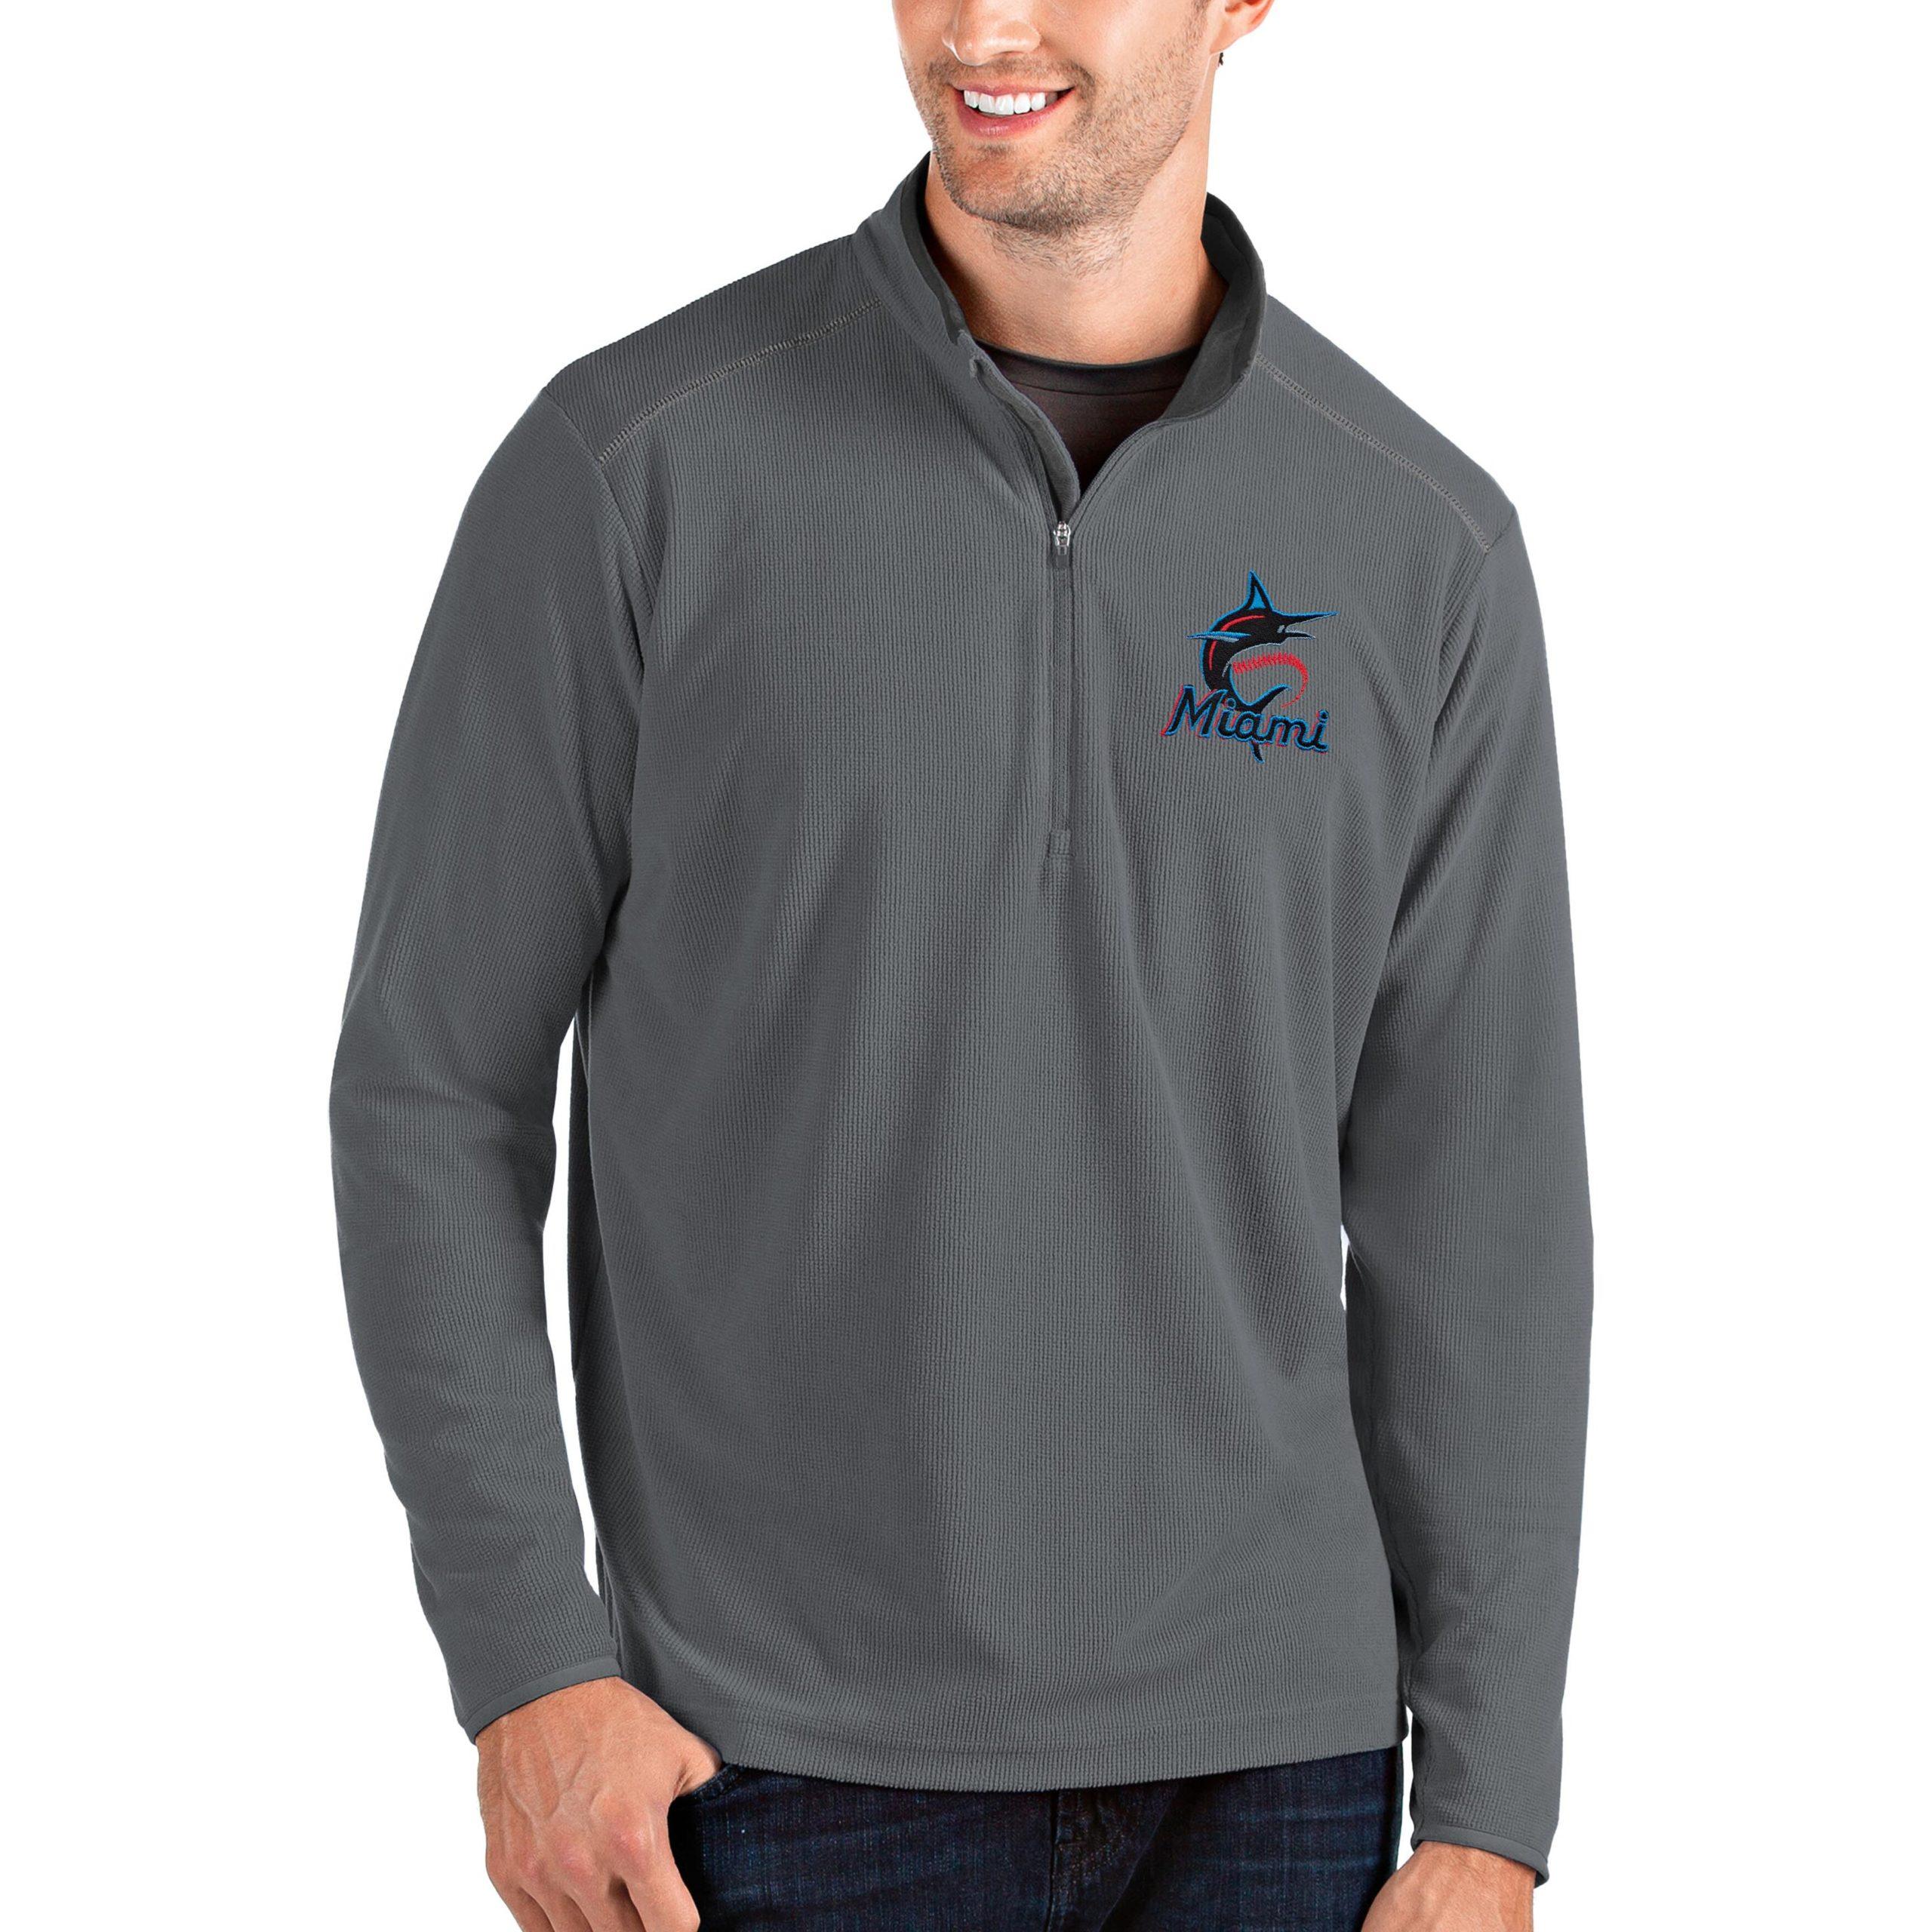 Miami Marlins Antigua Glacier Quarter-Zip Pullover Jacket - Gray